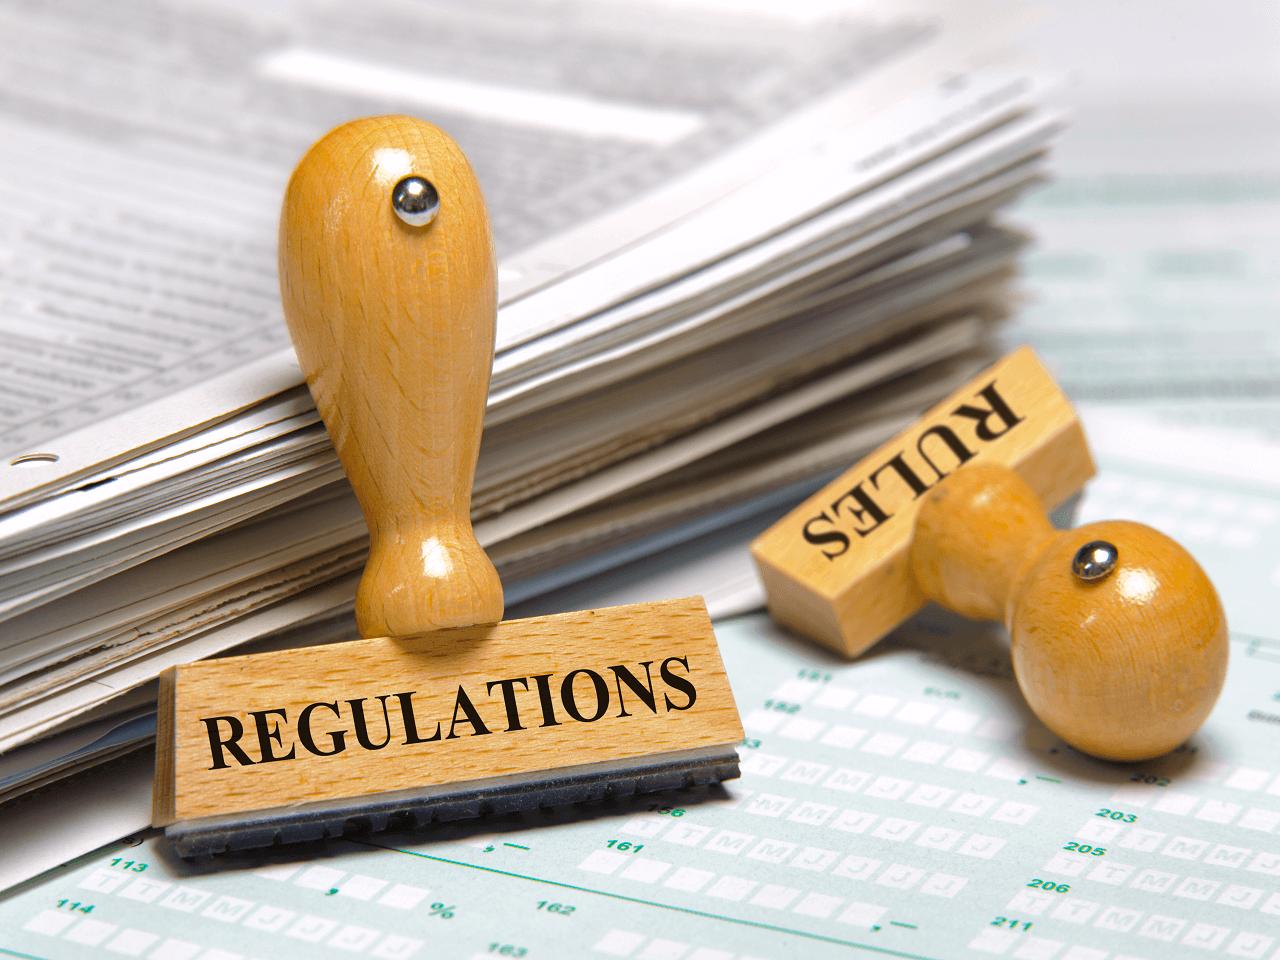 Yenilenen Ürün Güvenliği Kanunu Resmi Gazete'de Yayımlandı